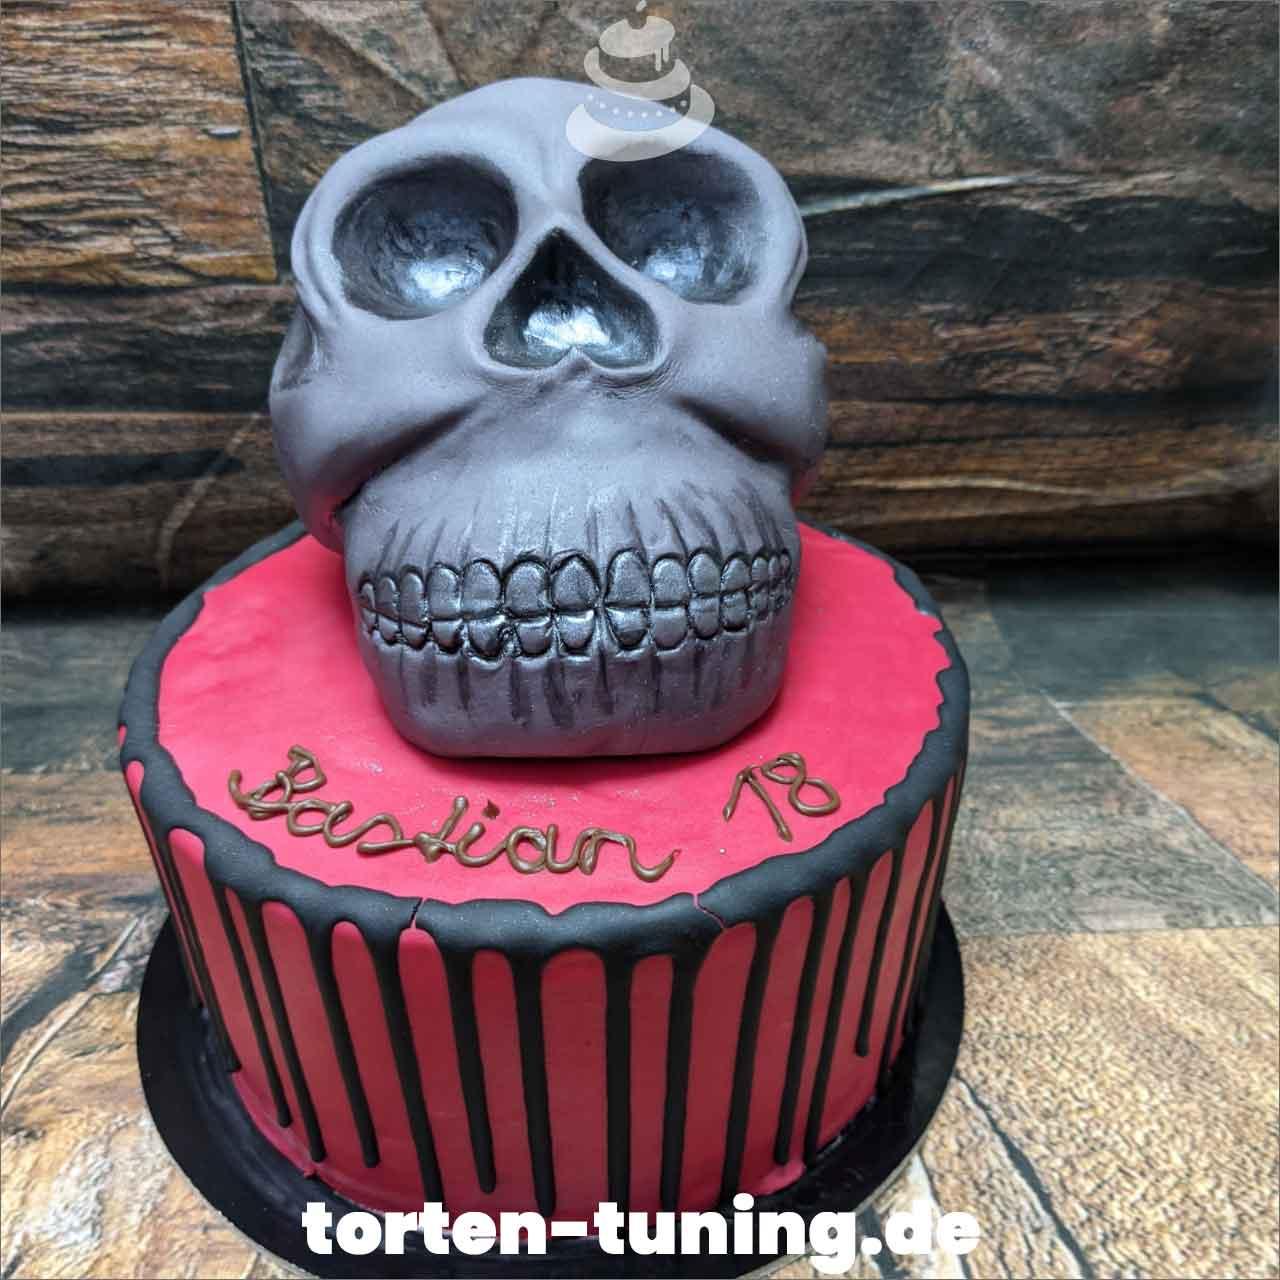 Totenkopf Dripcake Obsttorte Geburtstagstorte Motivtorte Torte Tortendekoration Torte online bestellen Suhl Thüringen Torten Tuning Sahnetorte Tortenfiguren Cake Topper